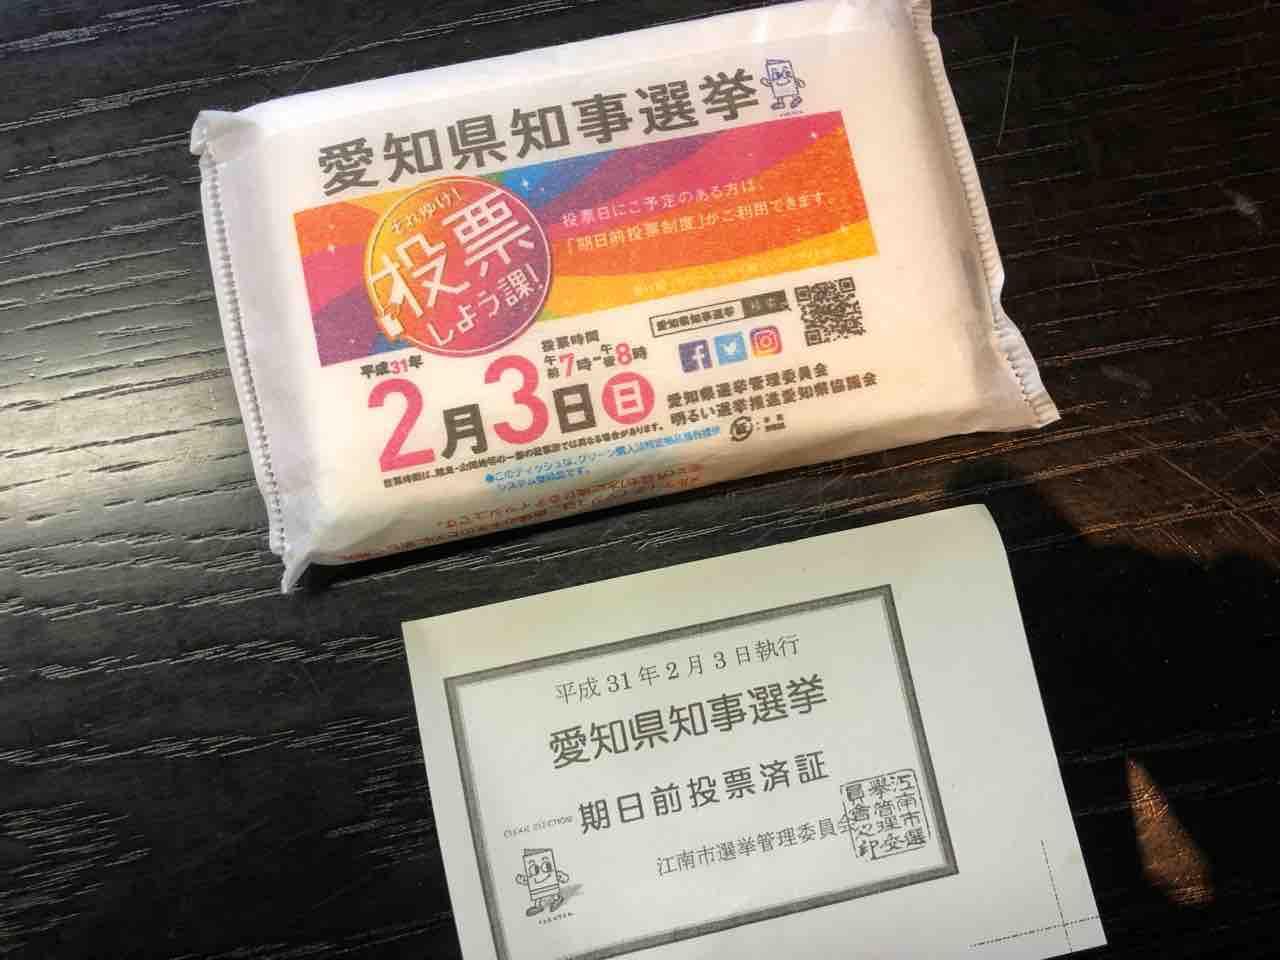 江南市役所 期日前投票 期日前投票済証